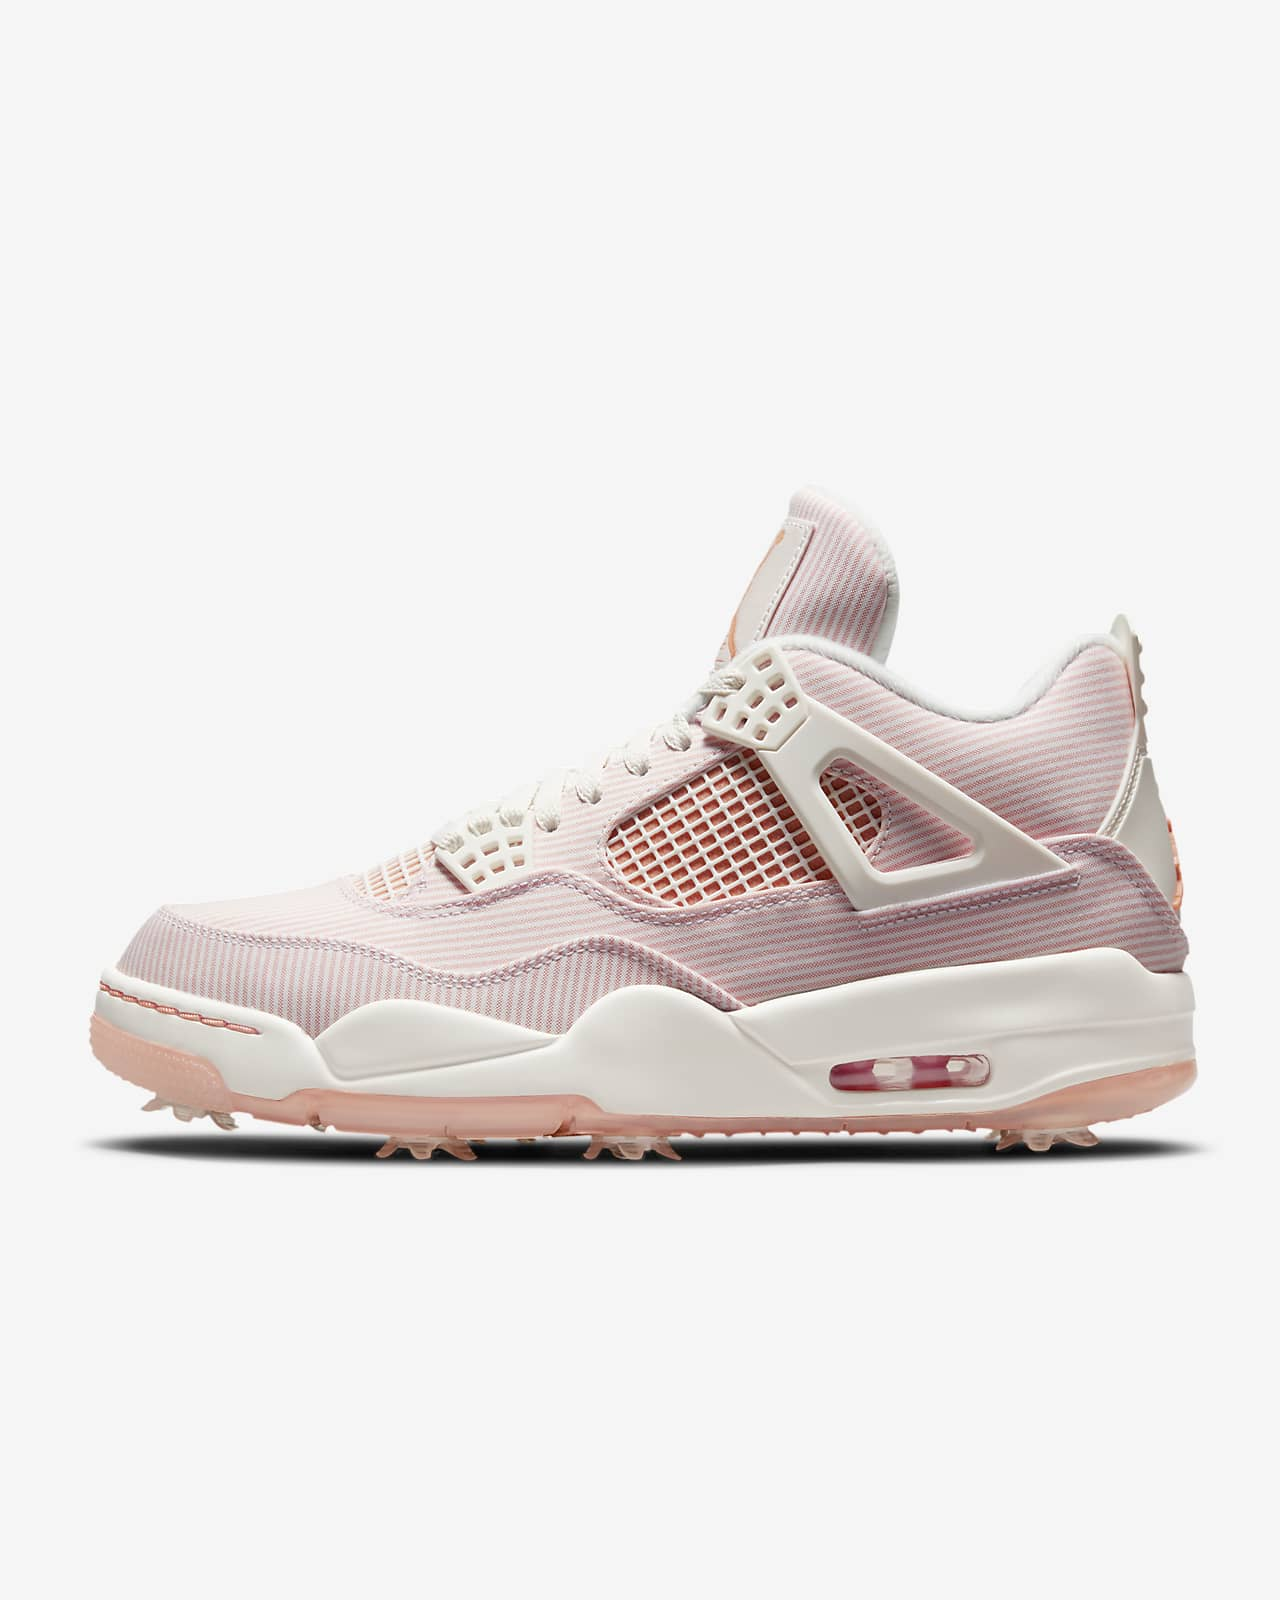 Chaussure de golf Jordan 4 G NRG